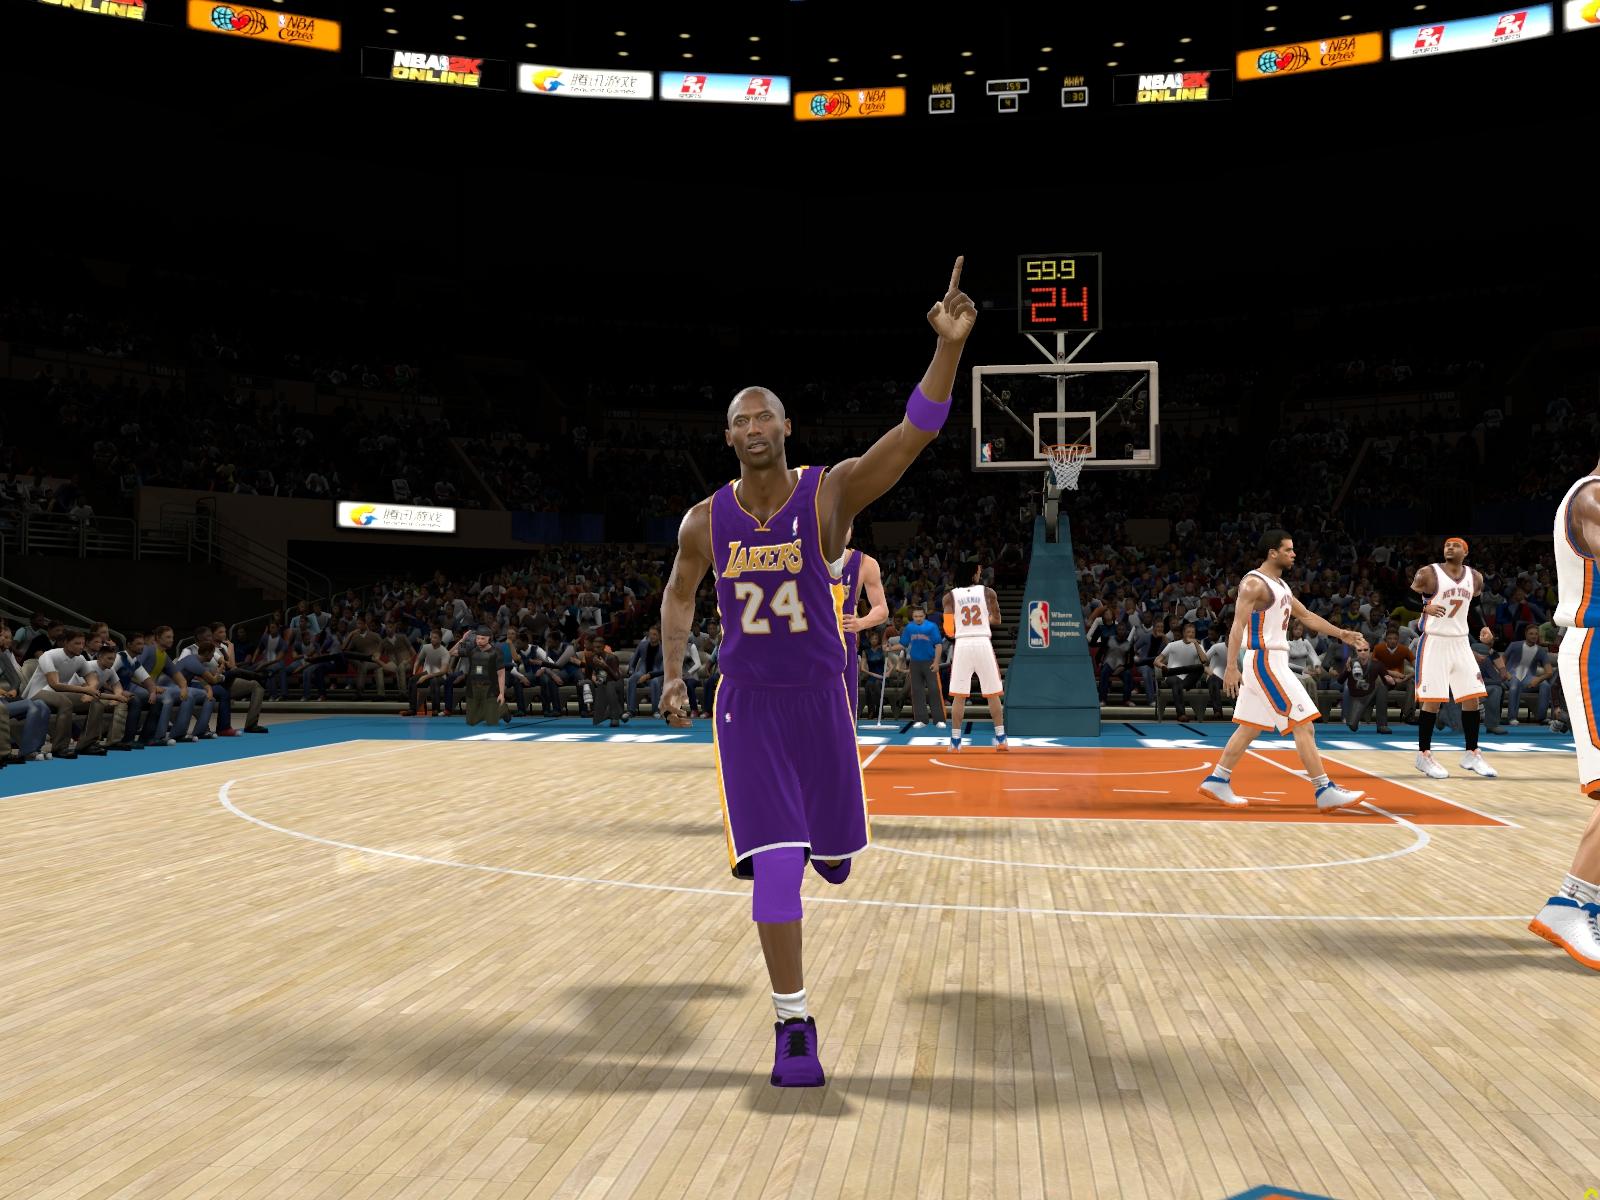 科比救赎湖人 NBA2K Online周末特辑